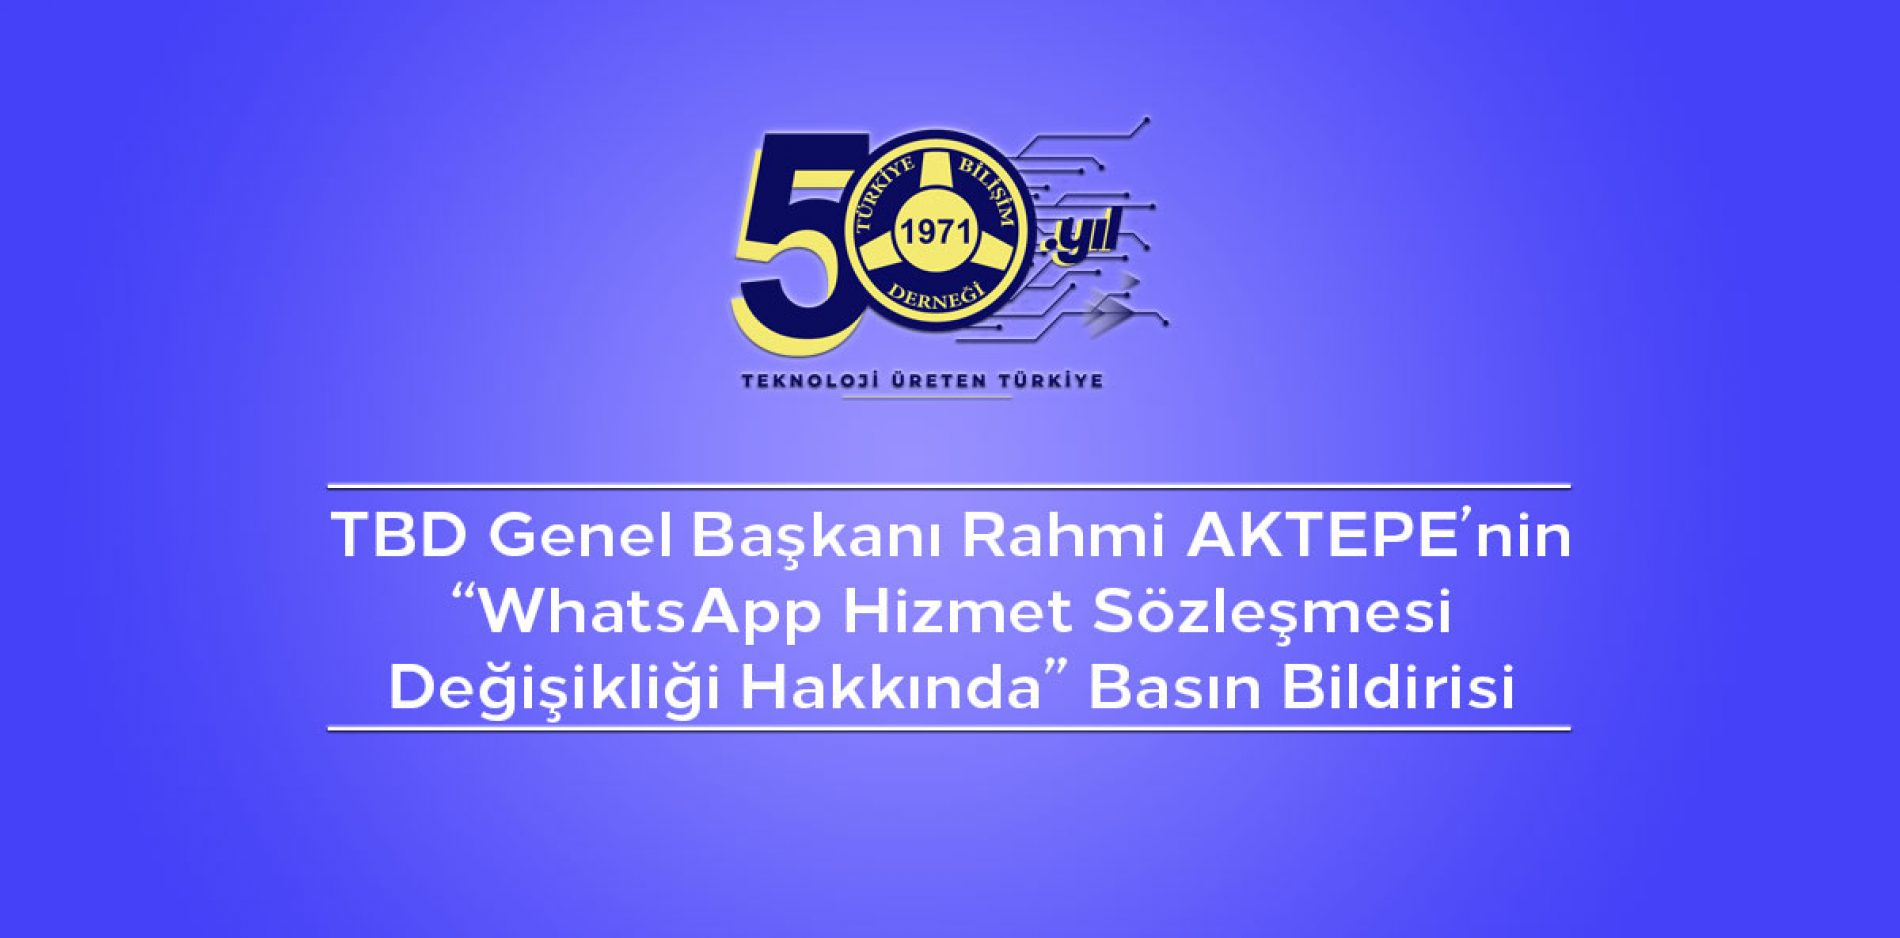 """TBD Genel Başkanı Rahmi AKTEPE'nin """"WhatsApp Hizmet Sözleşmesi Değişikliği Hakkında"""" Basın Bildirisi"""